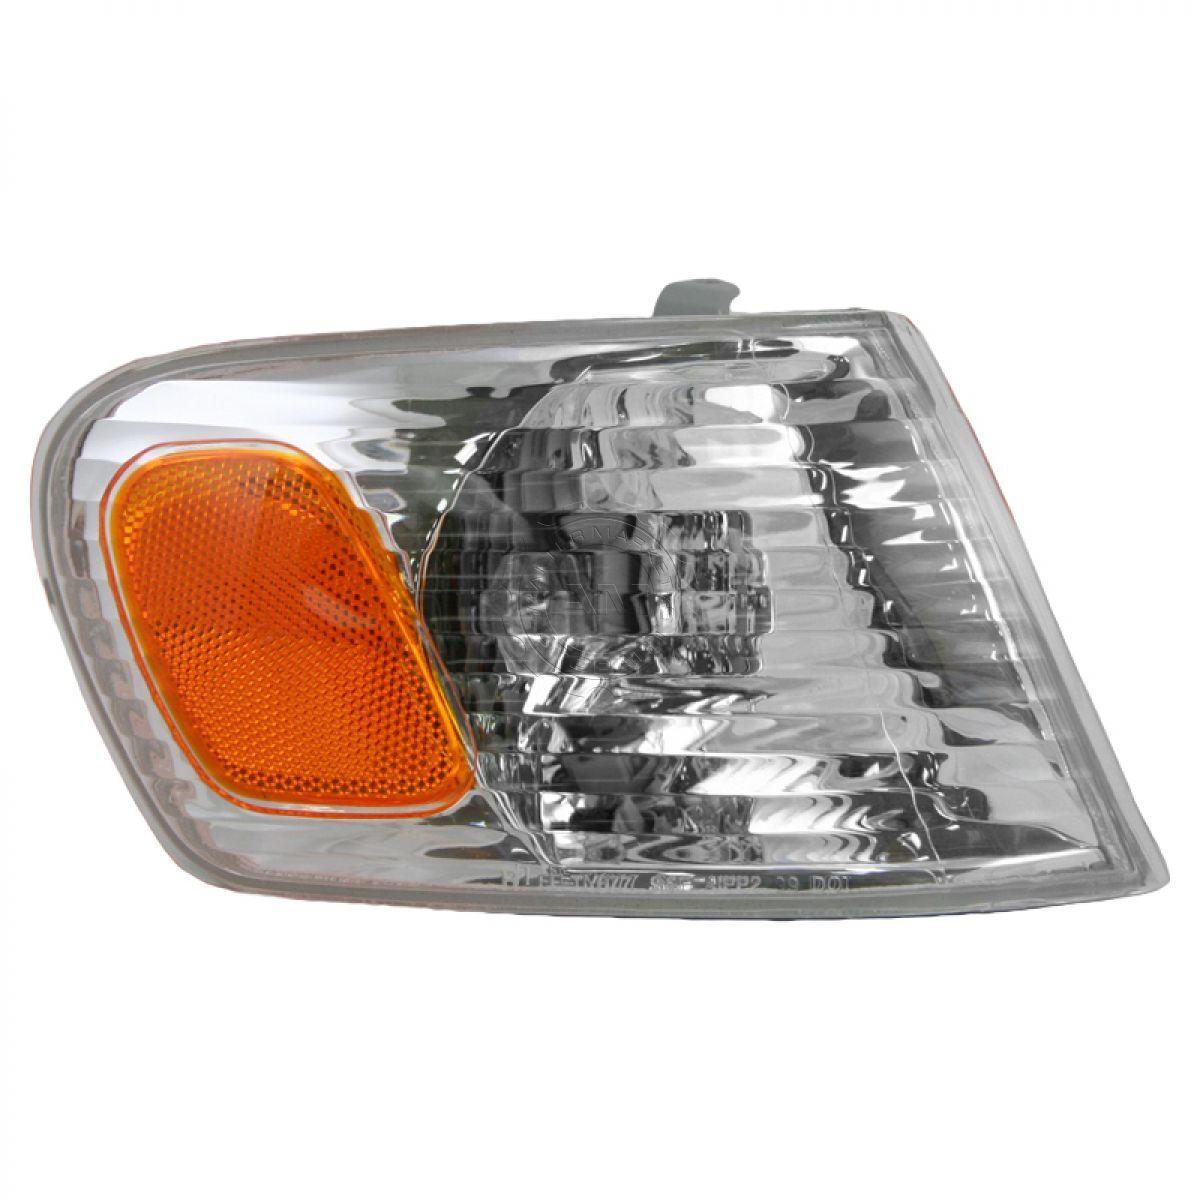 コーナーライト Corner Parking Turn Signal Light Lamp Passenger Side Right RH for 01-02 Corolla コーナーパーキングターンシグナルライトランプ乗客側右RH 01-02 Corolla